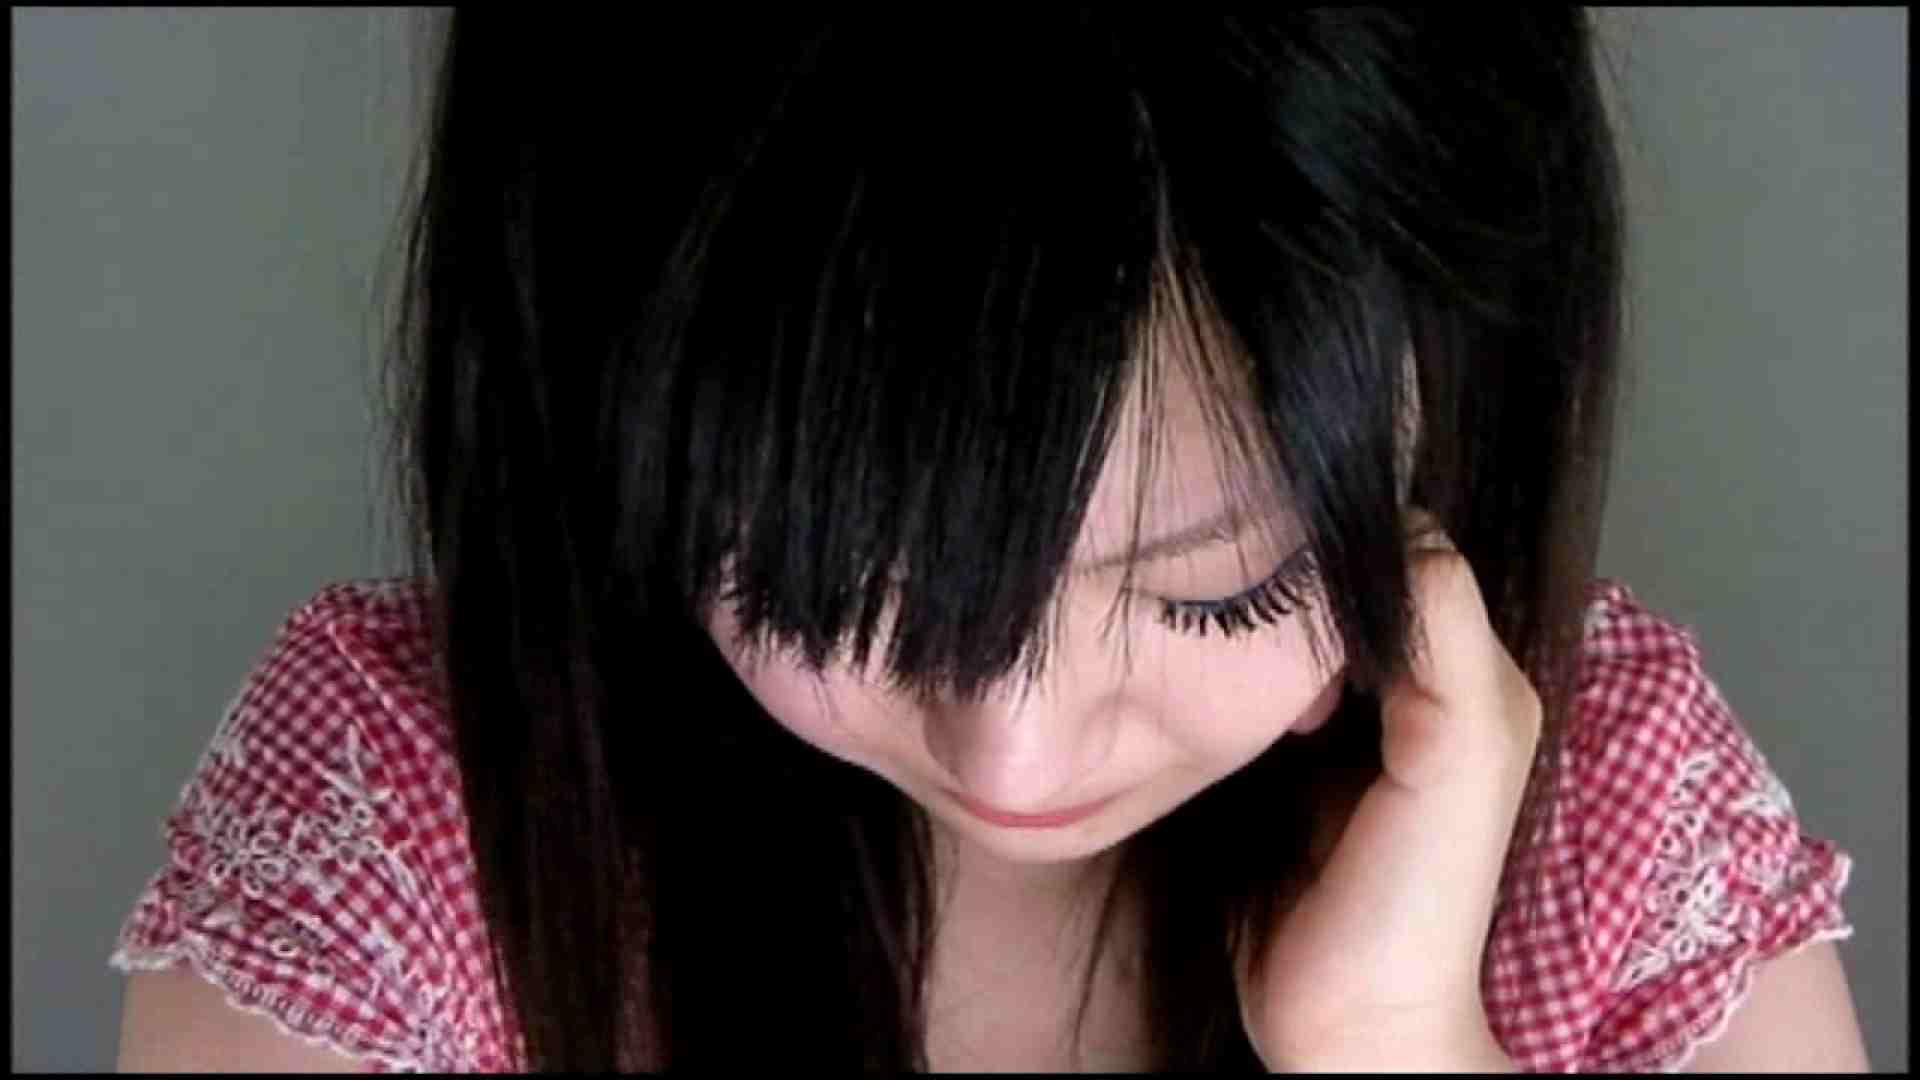 和式にまたがる女たちを待ちうけるカメラの衝撃映像vol.01 接写 すけべAV動画紹介 55枚